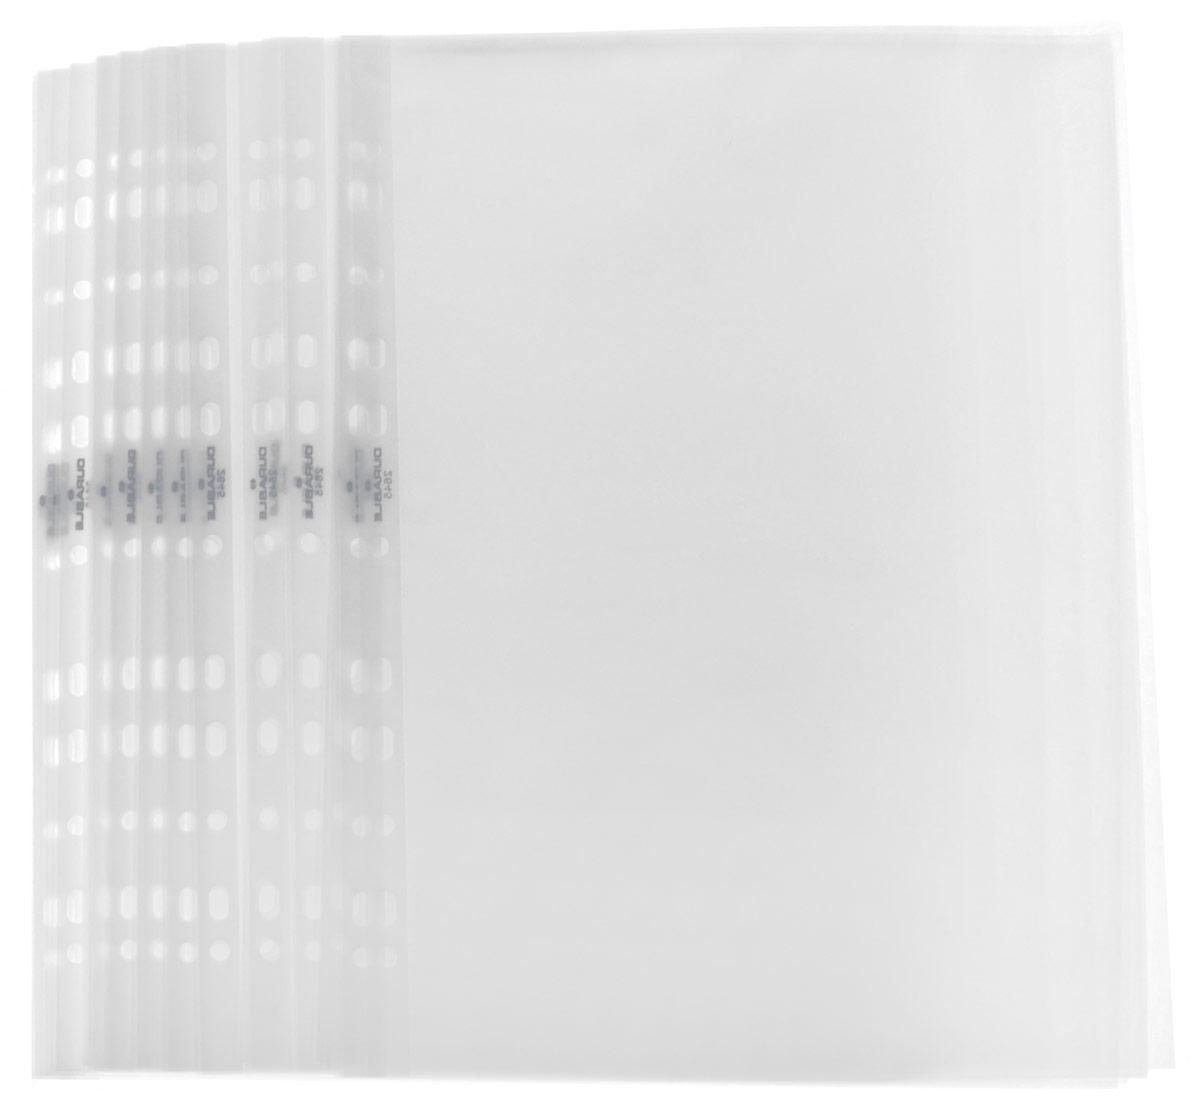 Durable Файл-вкладыш с перфорацией цвет прозрачный 50 шт 2645-192010440Файл-вкладыш Durable отлично подойдет для подшивки документов в архивные папки без перфорирования дыроколом.Выполнен из особо прочного материала, предназначен для документов формата А4 и А4+. Файл вмещает до 40 листов, имеет прочный шов. Мультиперфорация совместима с папками на 2 и 4 кольцах.В упаковке 50 файлов-вкладышей.